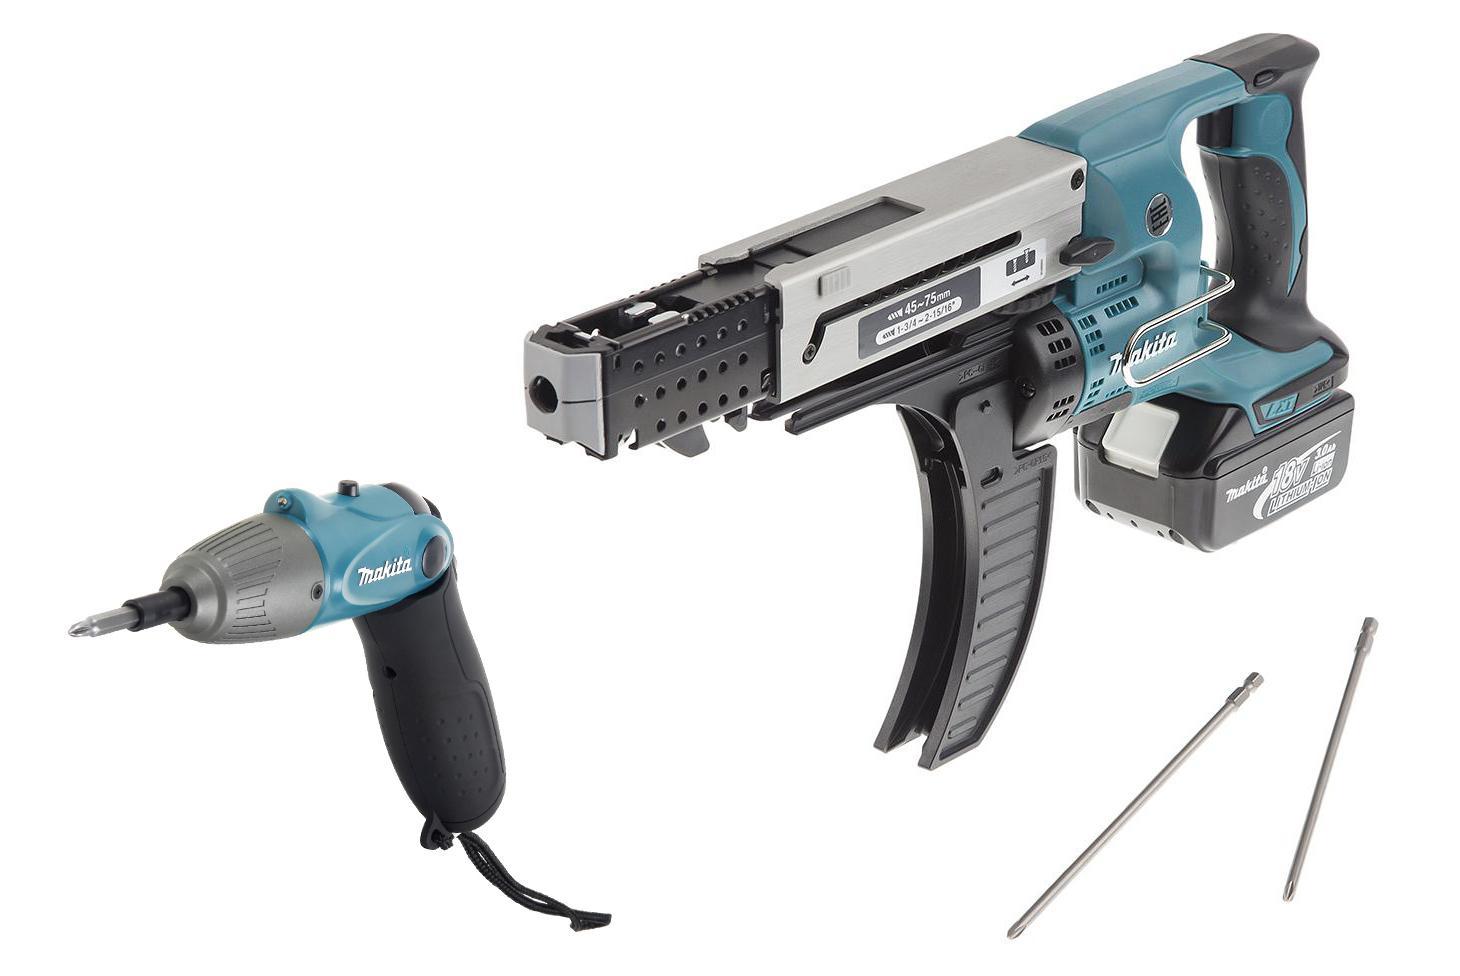 Набор Makita Шуруповерт аккумуляторный dfr750rfe +Отвертка аккумуляторная 6723dw цена